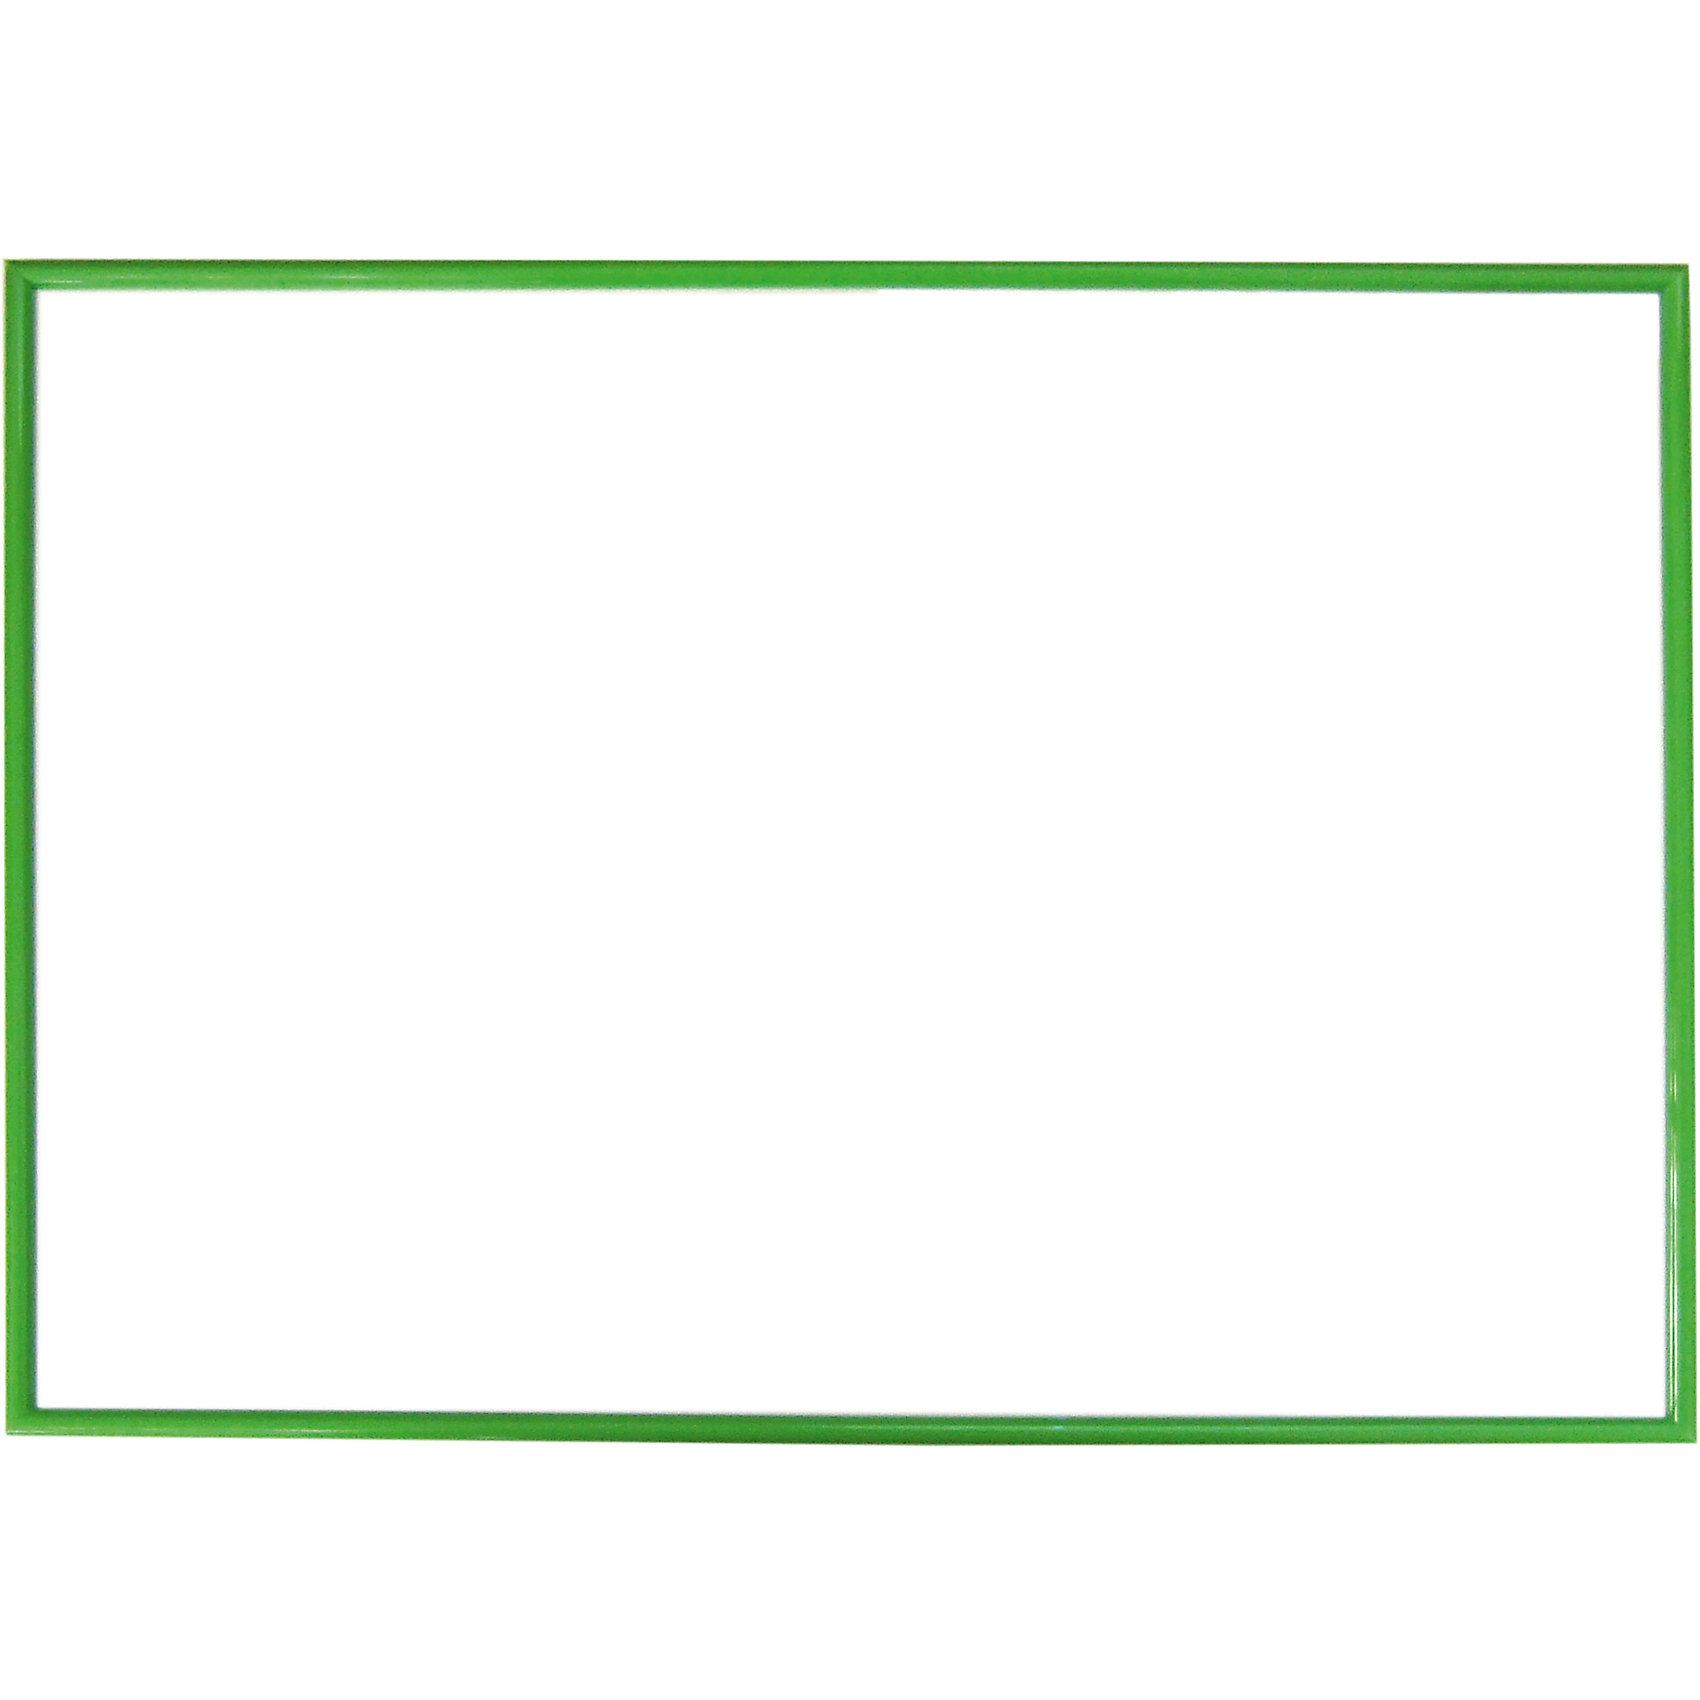 Рамка для пазла 1000/1500 деталей, 50х70 см, зеленаяРамка для пазла 1000/1500 деталей, 50х70 см, зеленая позволит придать собранной картинке из пазлов благородный вид, словно это настоящая картина!<br><br>Дополнительная информация:<br>-Размер пазла: 50х70 см (1000/1500 деталей)<br>-Цвет рамы: зеленый<br>-Материалы: пластик<br>-Ширина профиля: 1 см<br><br>Рамку для пазла 1000/1500 деталей, 50х70 см, зеленая можно купить в нашем магазине.<br><br>Ширина мм: 500<br>Глубина мм: 700<br>Высота мм: 20<br>Вес г: 500<br>Возраст от месяцев: 72<br>Возраст до месяцев: 192<br>Пол: Унисекс<br>Возраст: Детский<br>SKU: 4244029